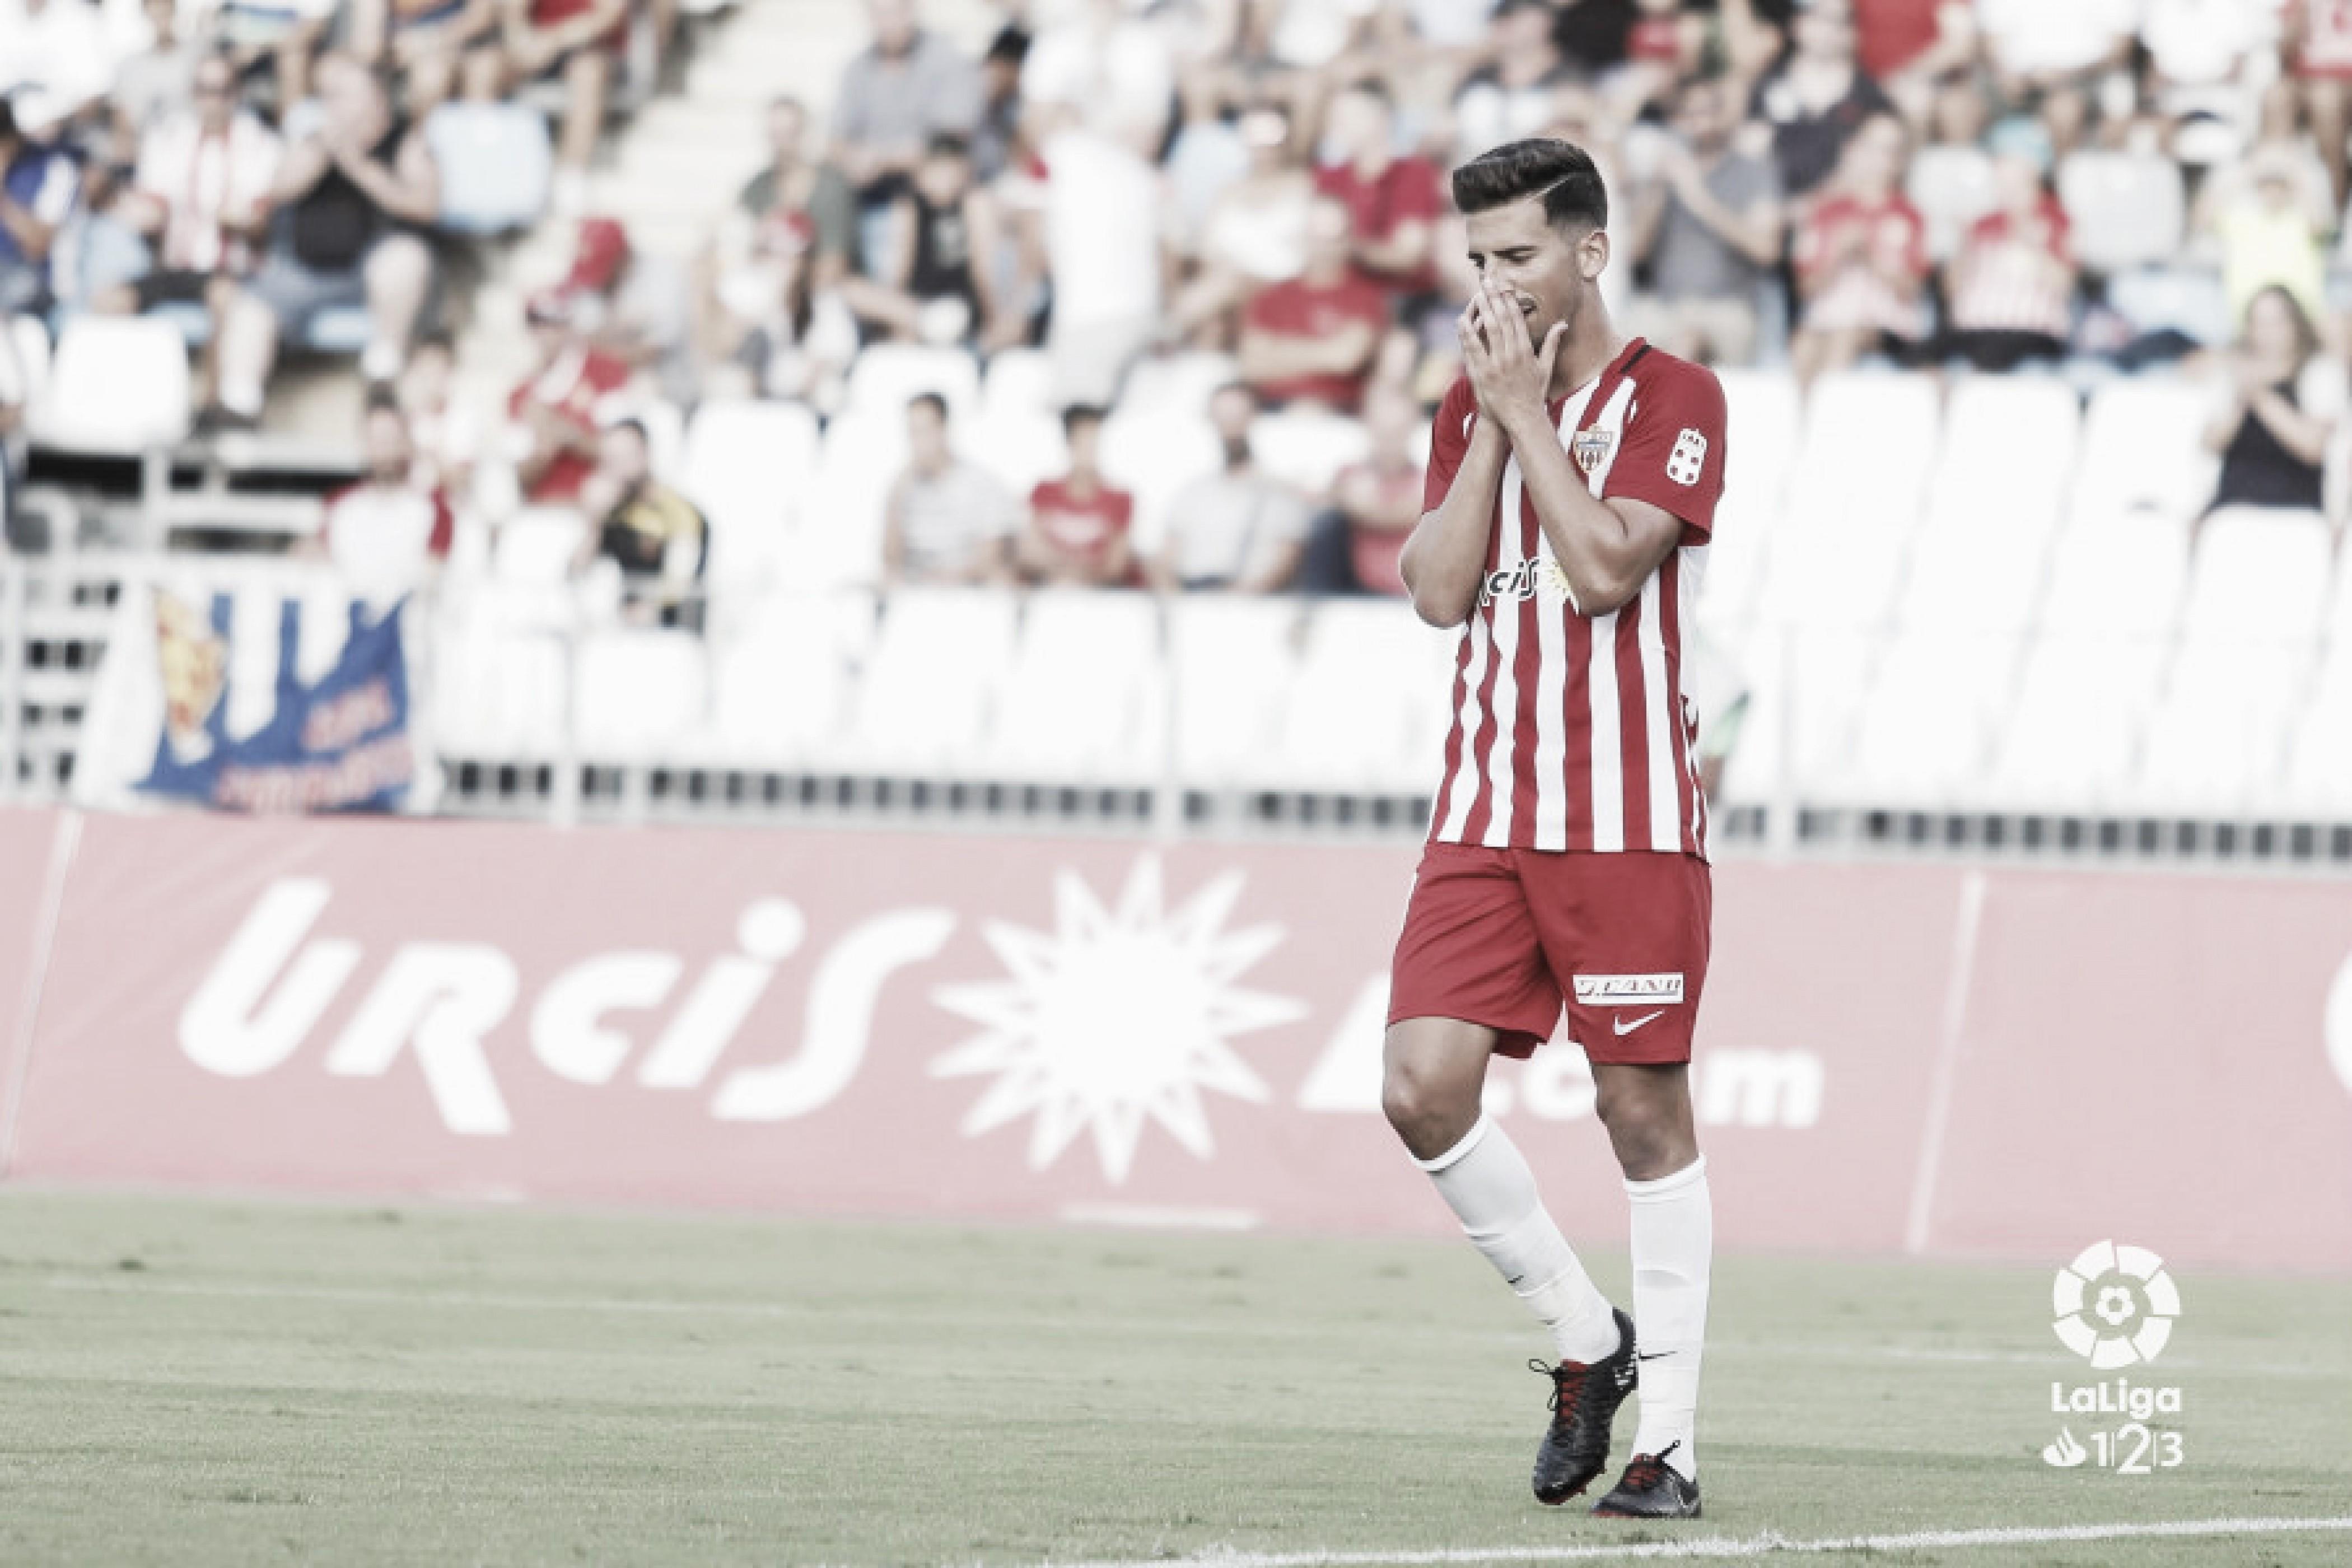 UD Almería, un equipo que solventa sus carencias con garra y buen hacer defensivo